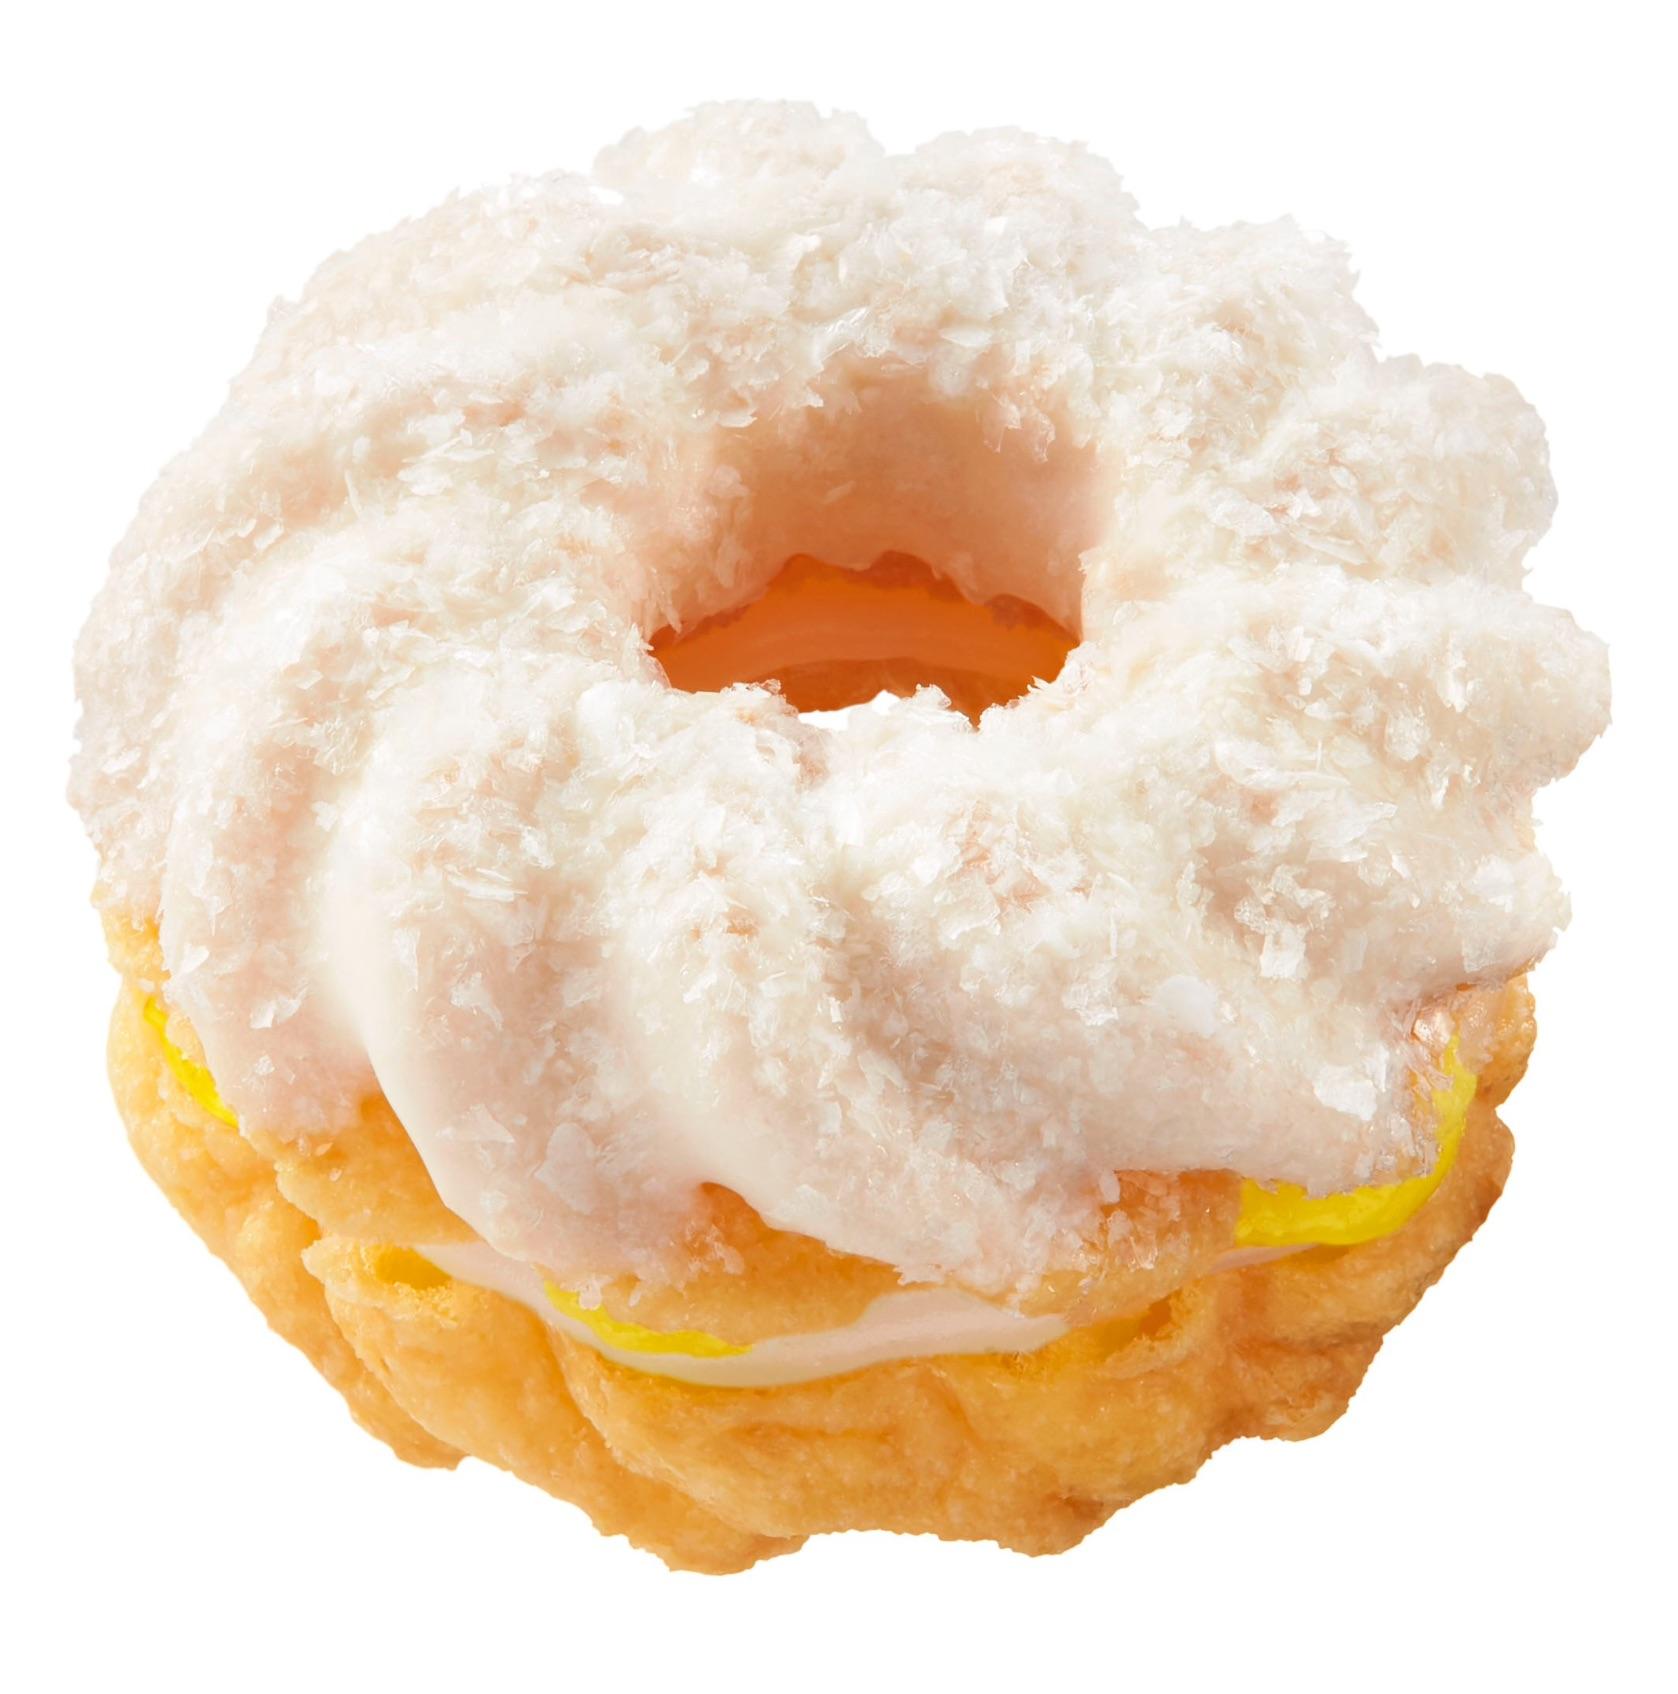 %e3%83%9f%e3%82%b9%e3%82%bf%e3%83%bc%e3%83%89%e3%83%bc%e3%83%8a%e3%83%84-%e3%82%82%e3%81%a1%e3%82%af%e3%83%aa%e3%83%bc%e3%83%a0-mister-donut-mochi-cream-%e7%94%9c%e7%94%9c%e5%9c%883-2